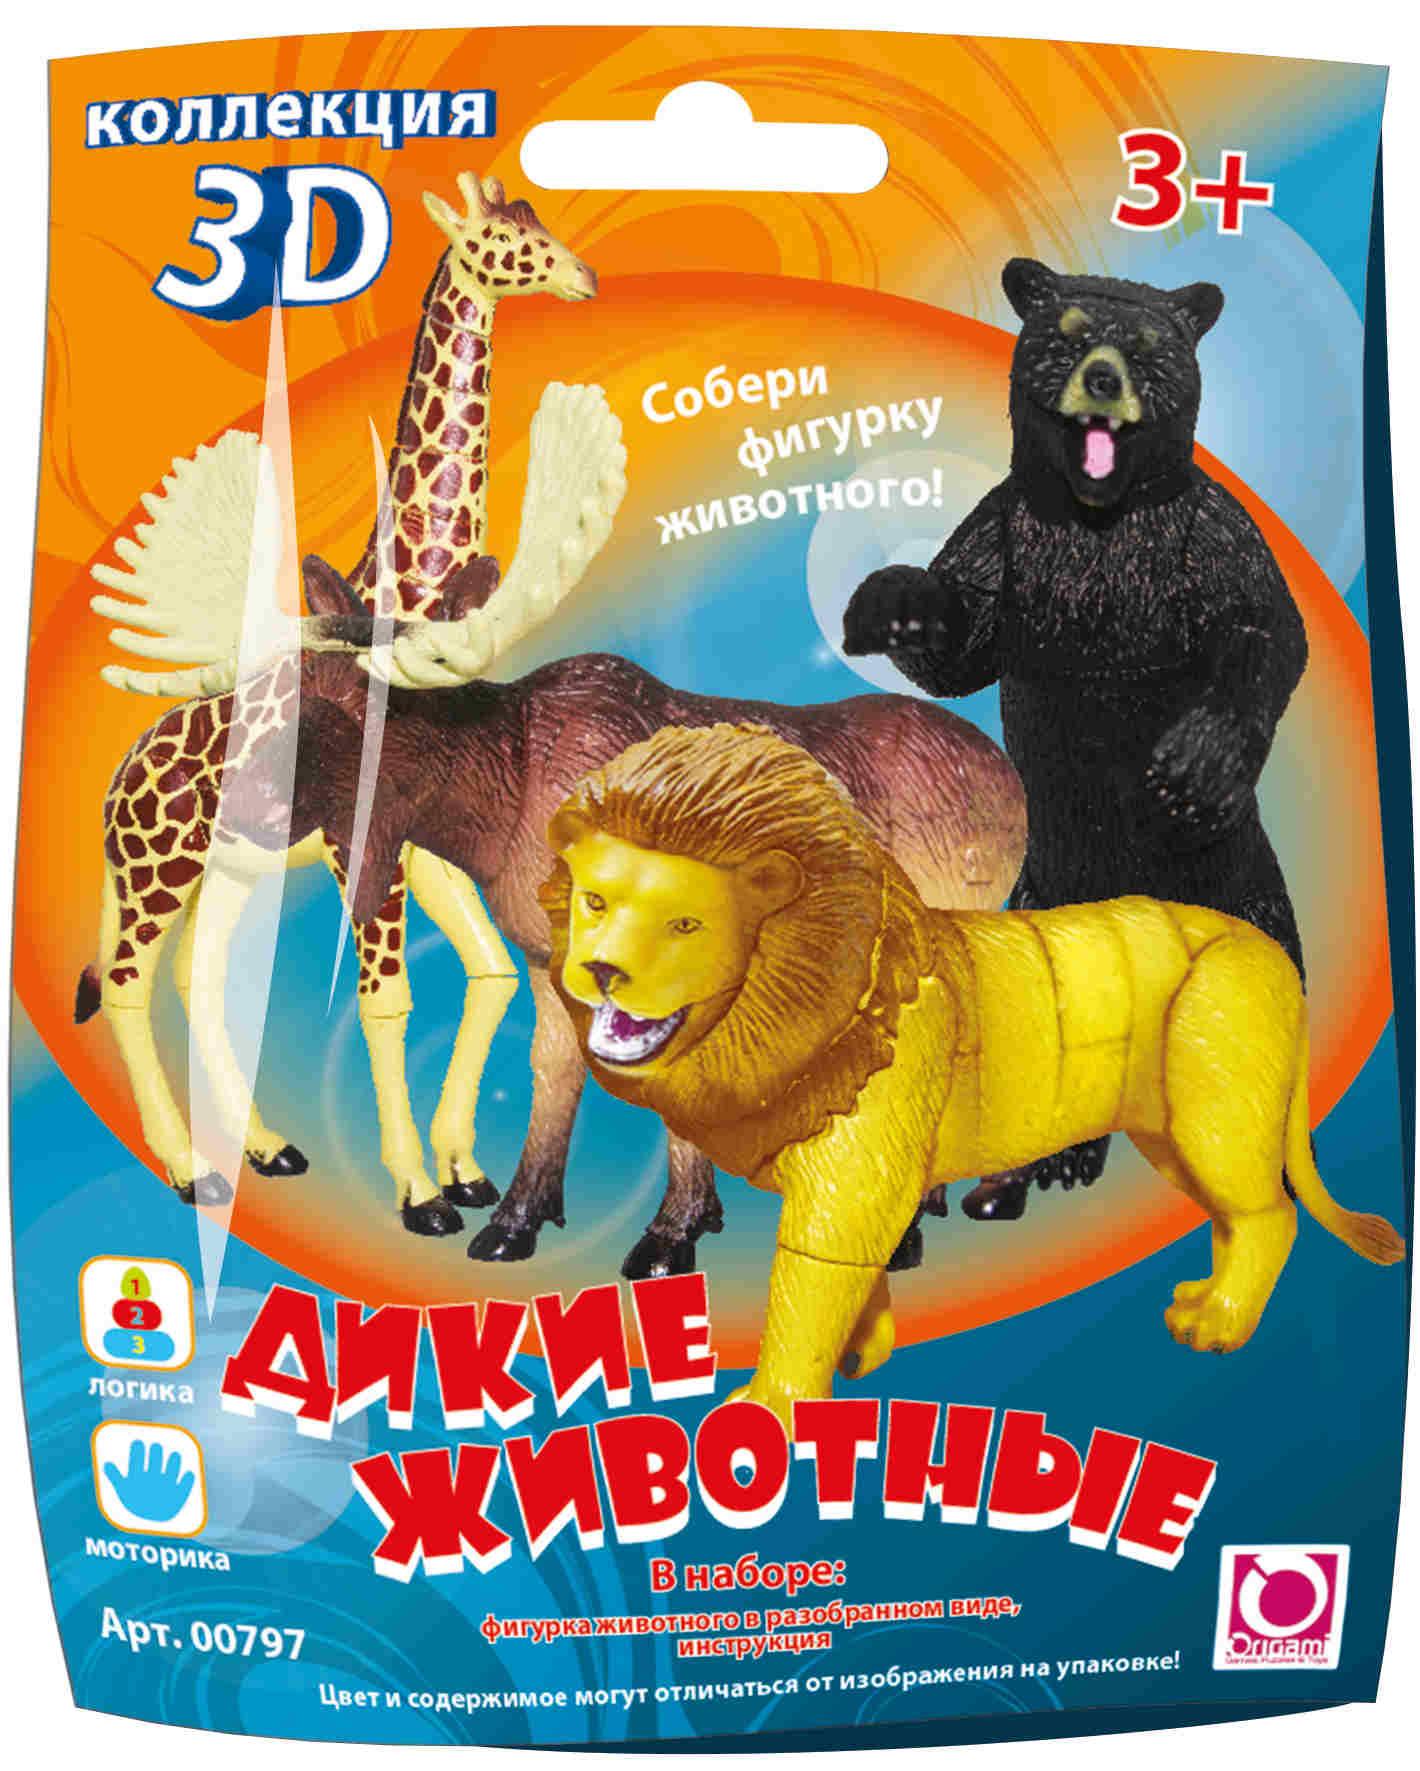 Коллекция 3D